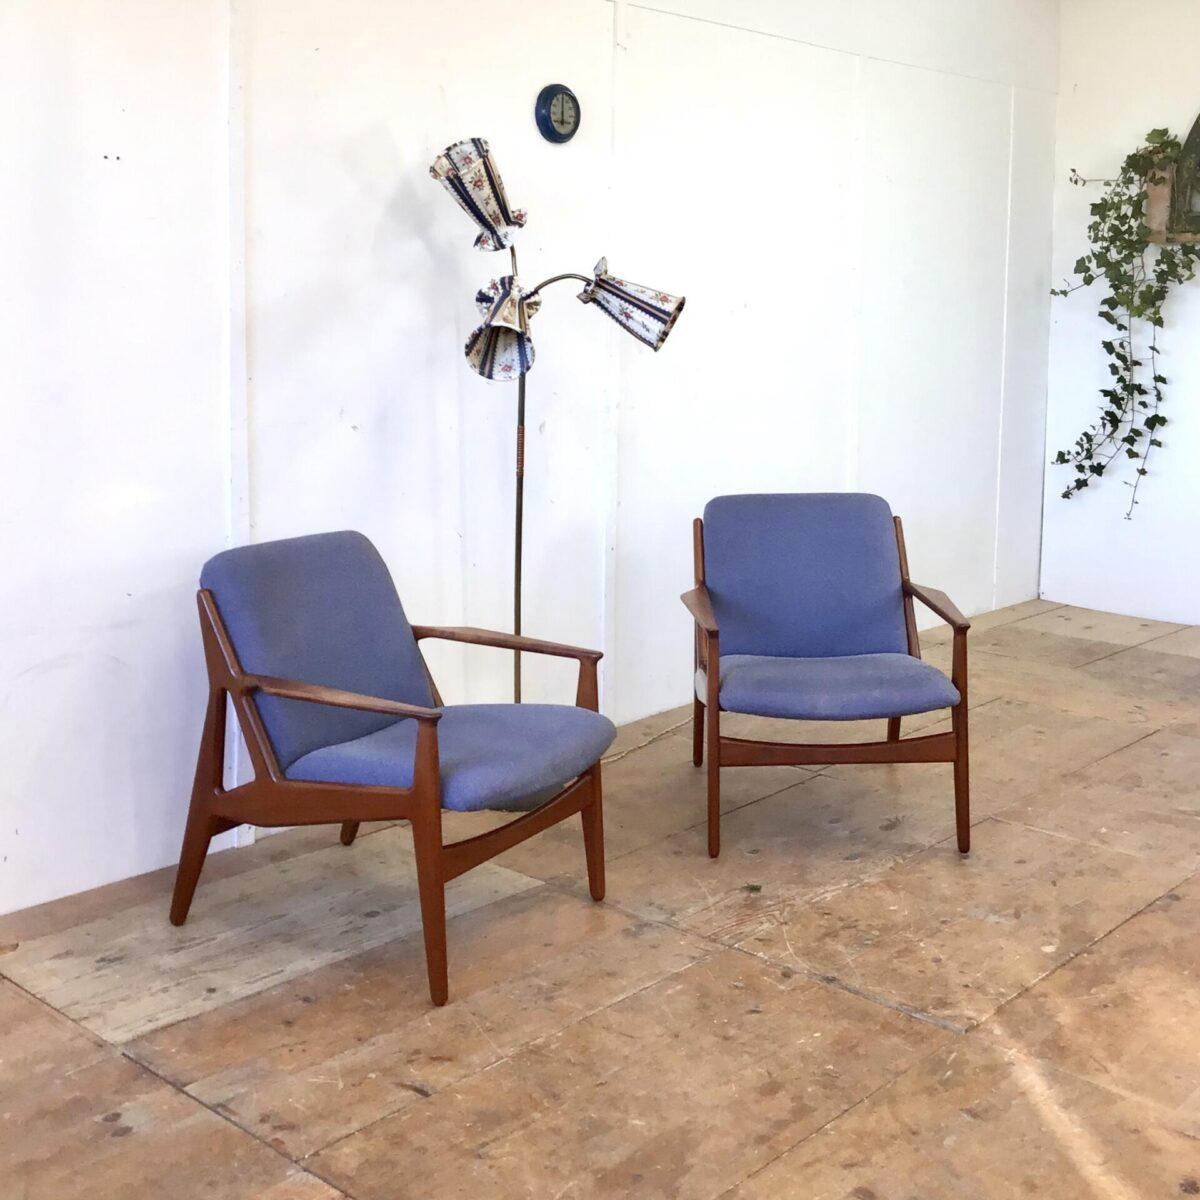 Deuxieme.shop Arne vodder Sessel. Midcentury Easy Chairs aus Teak. Das genaue Modell hab ich nicht gefunden, dürften von Arne Vodder sein. Die Sessel sind in gutem gepflegten Zustand, der Stoffbezug hat ein paar minimale kleine Flecken. Preis für das Set.